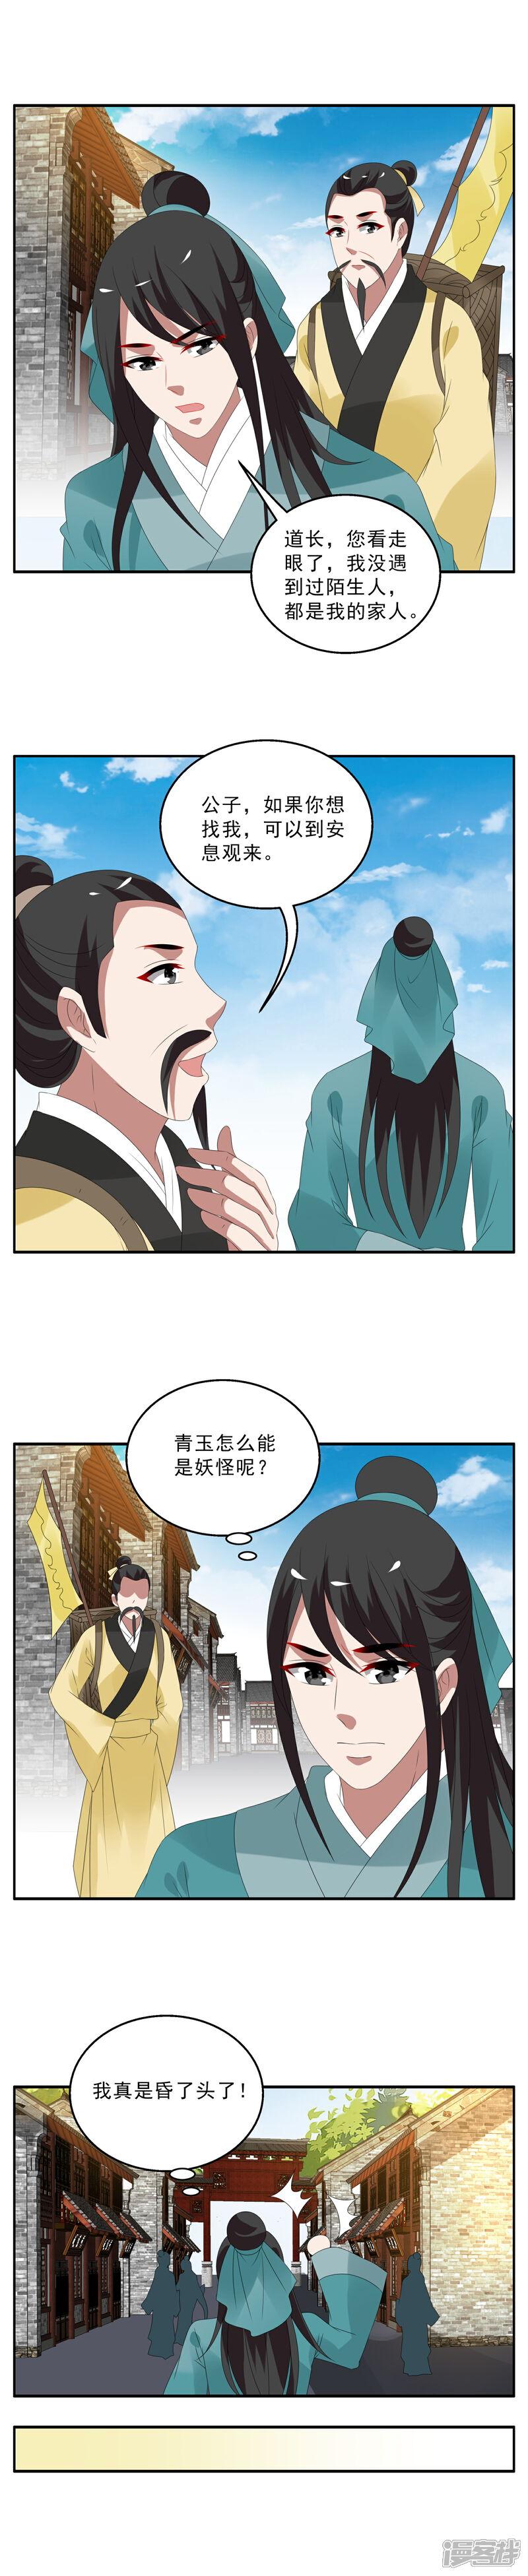 洛小妖139 (2).JPG